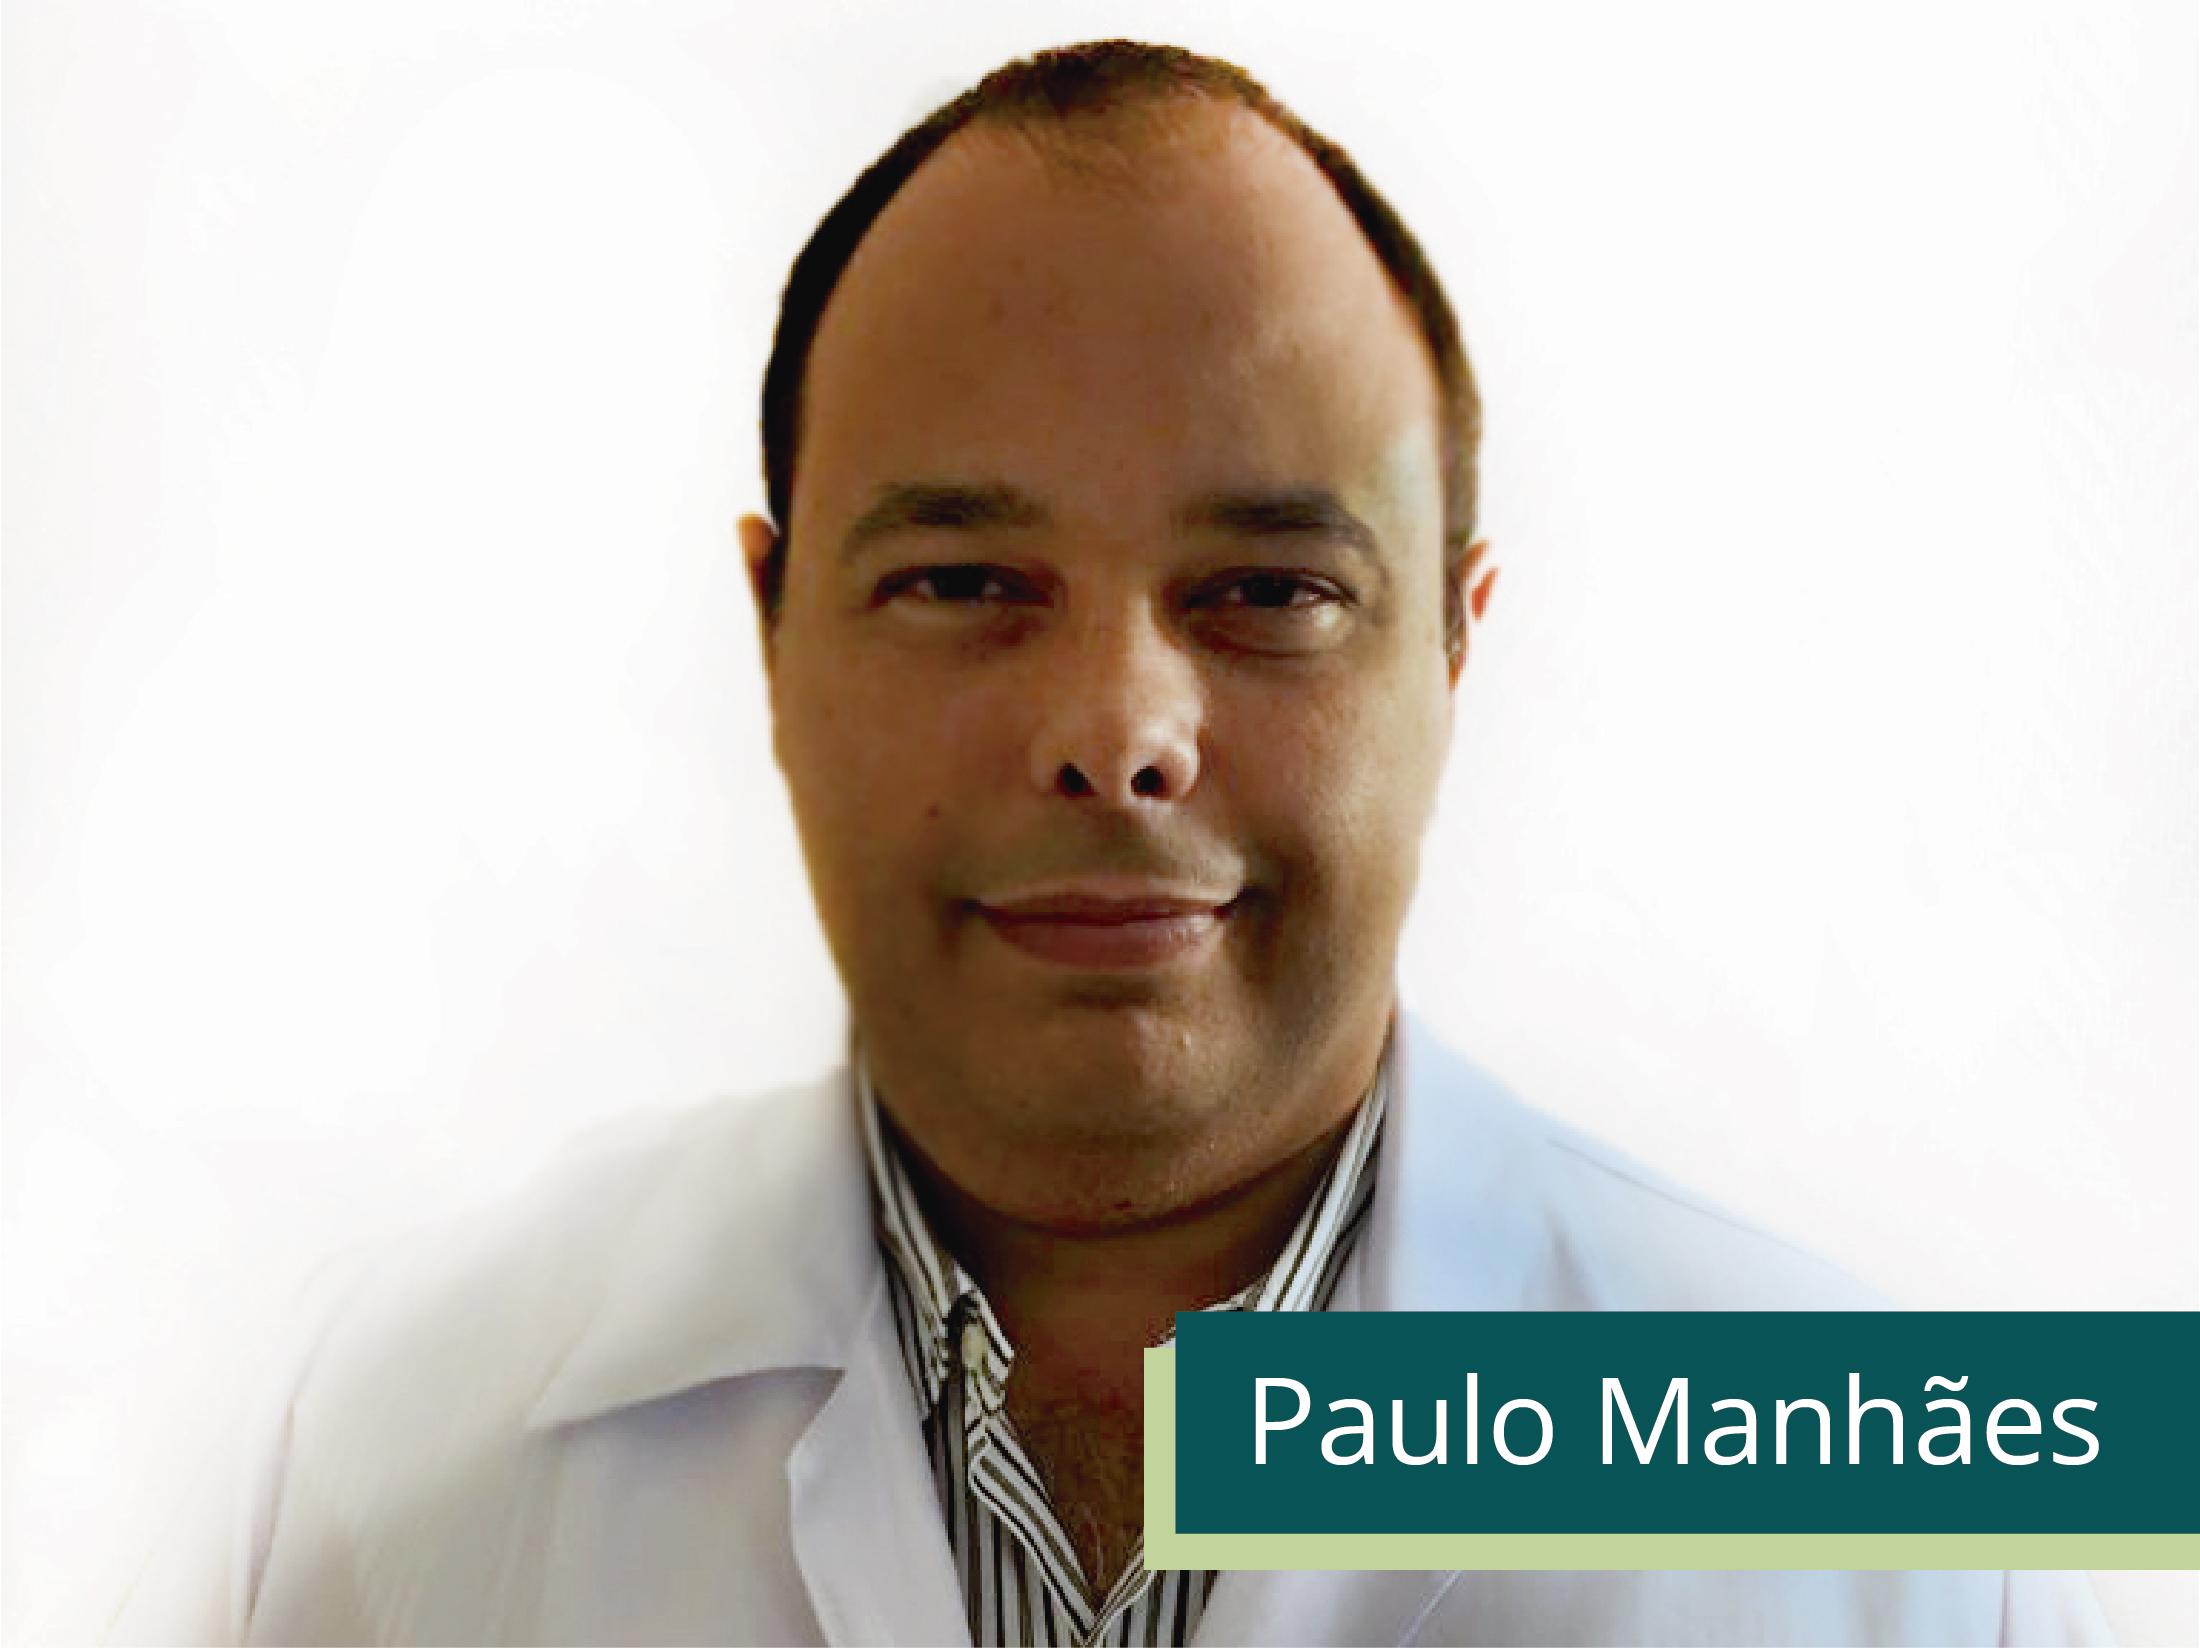 paulo manhaes